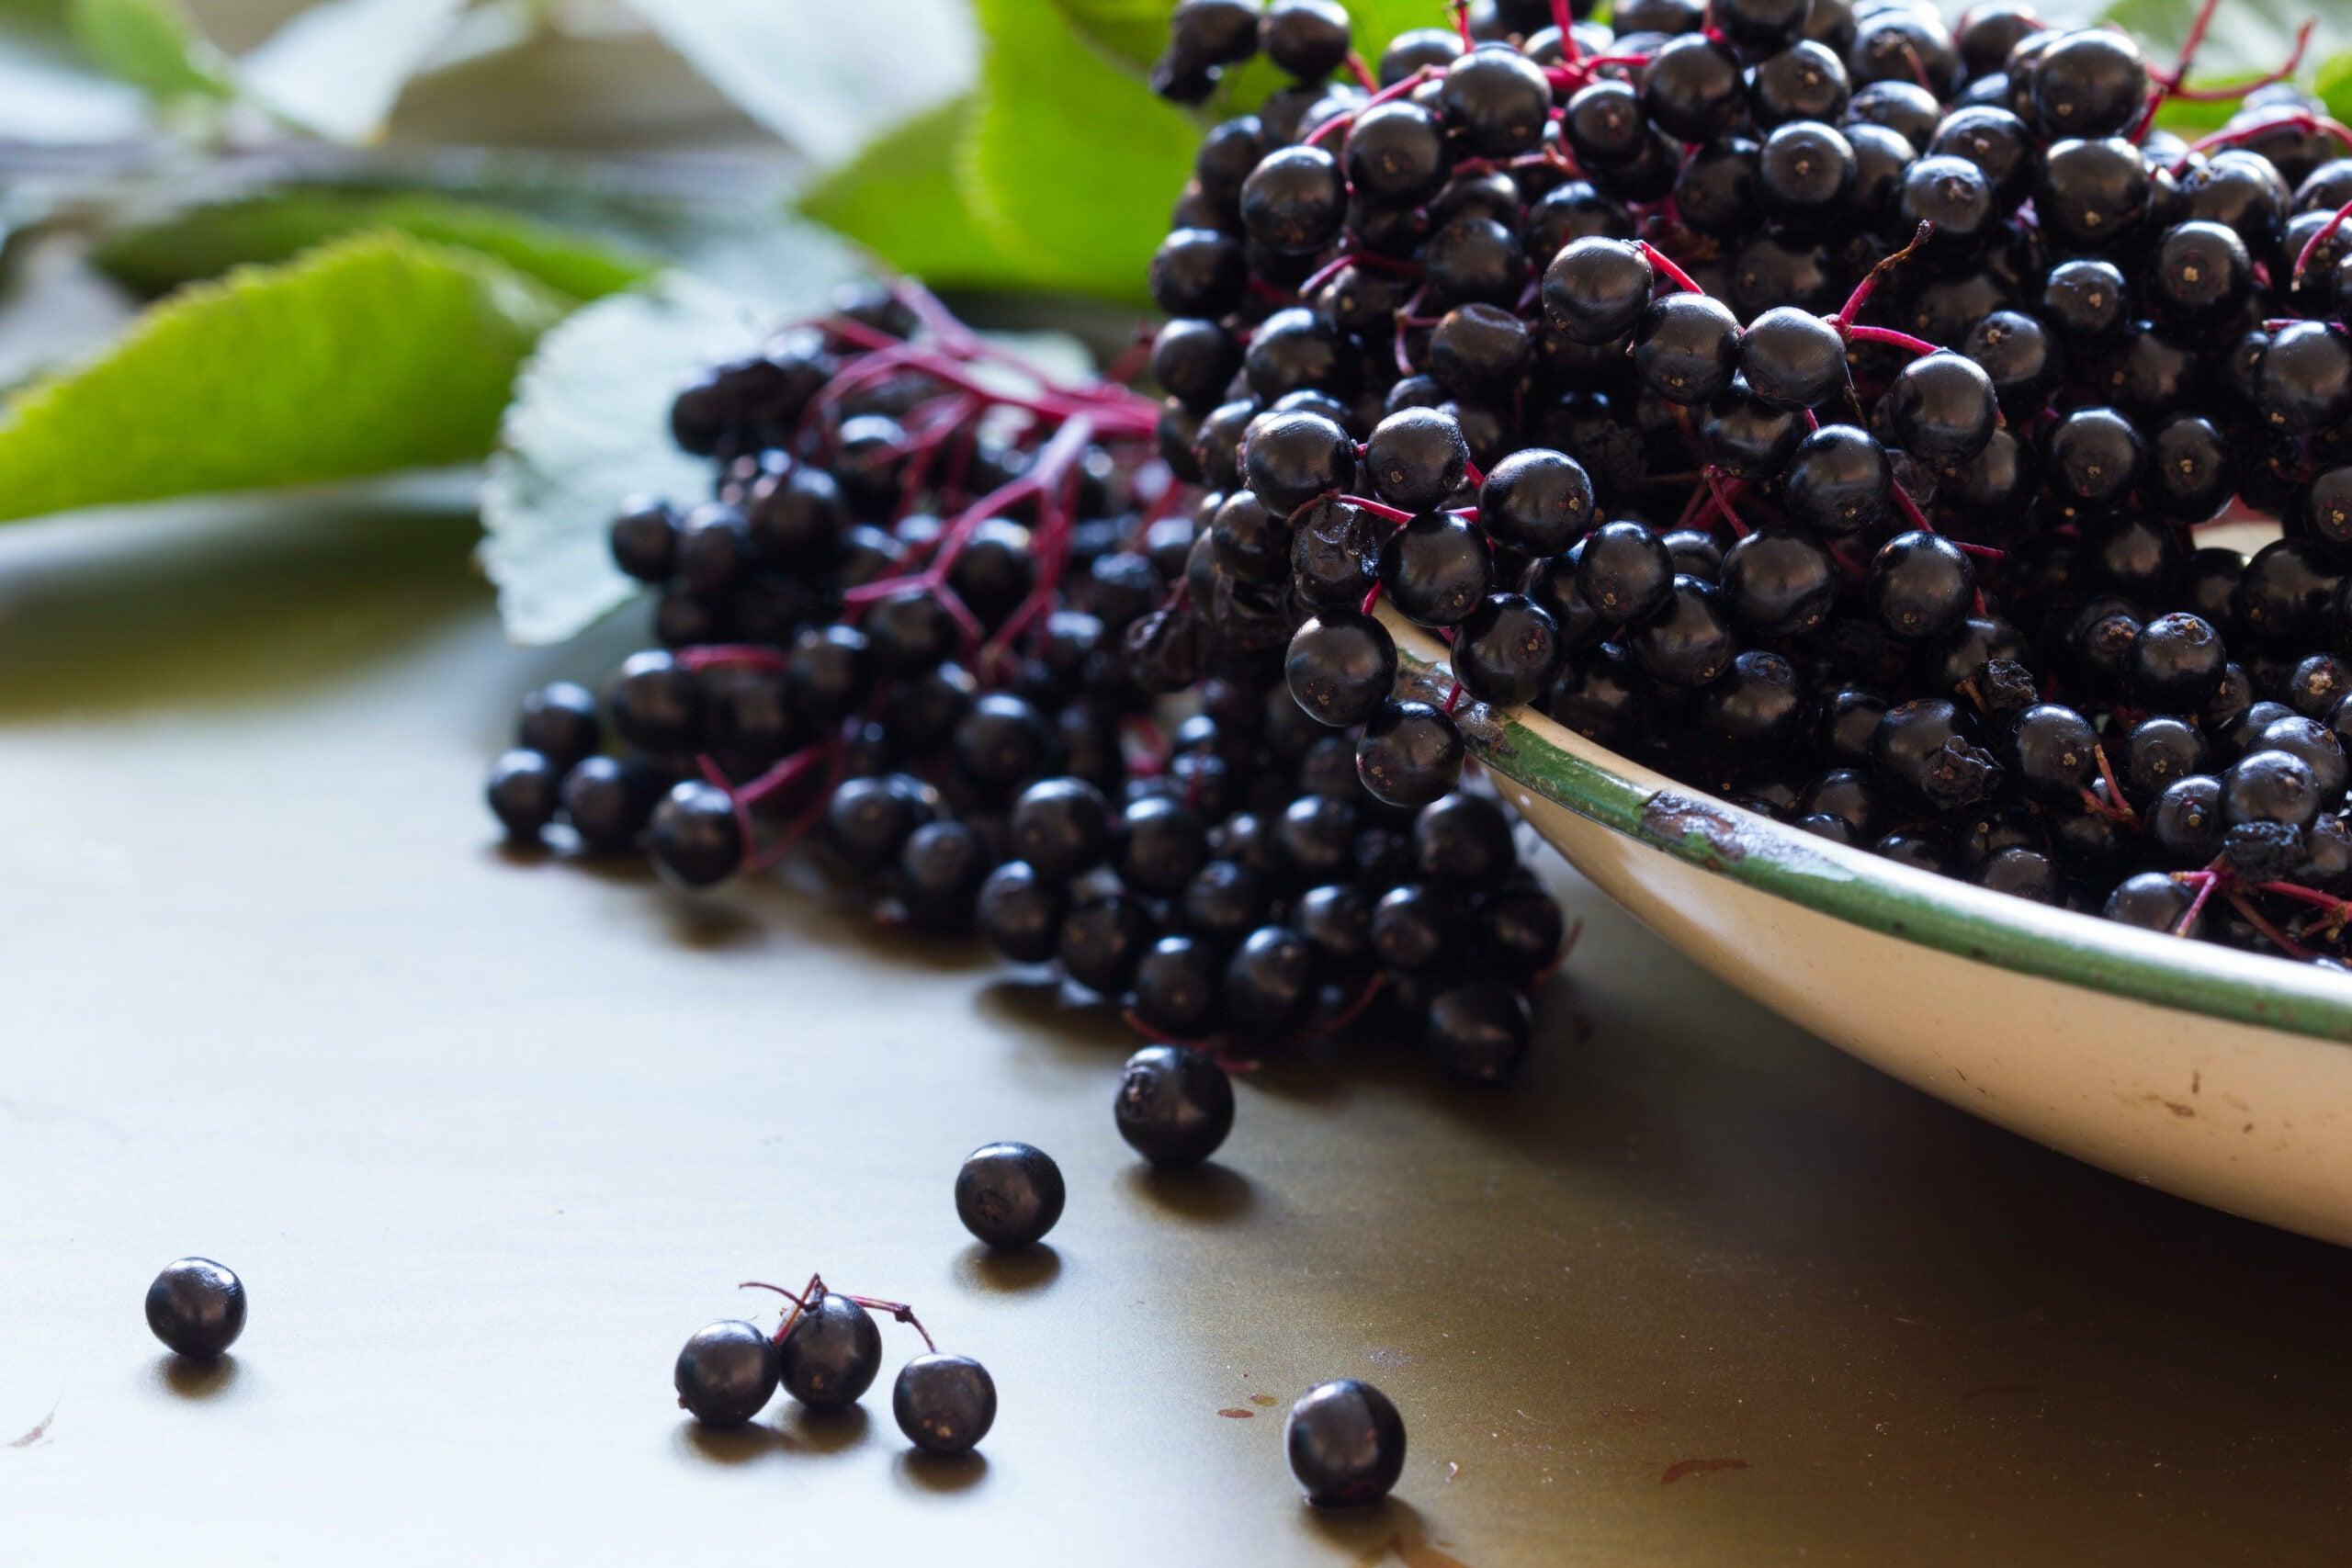 Black elderberries, Sambucus nigra, in enamel bowl with leaves on metal background. Copy space, selective focus, close up,